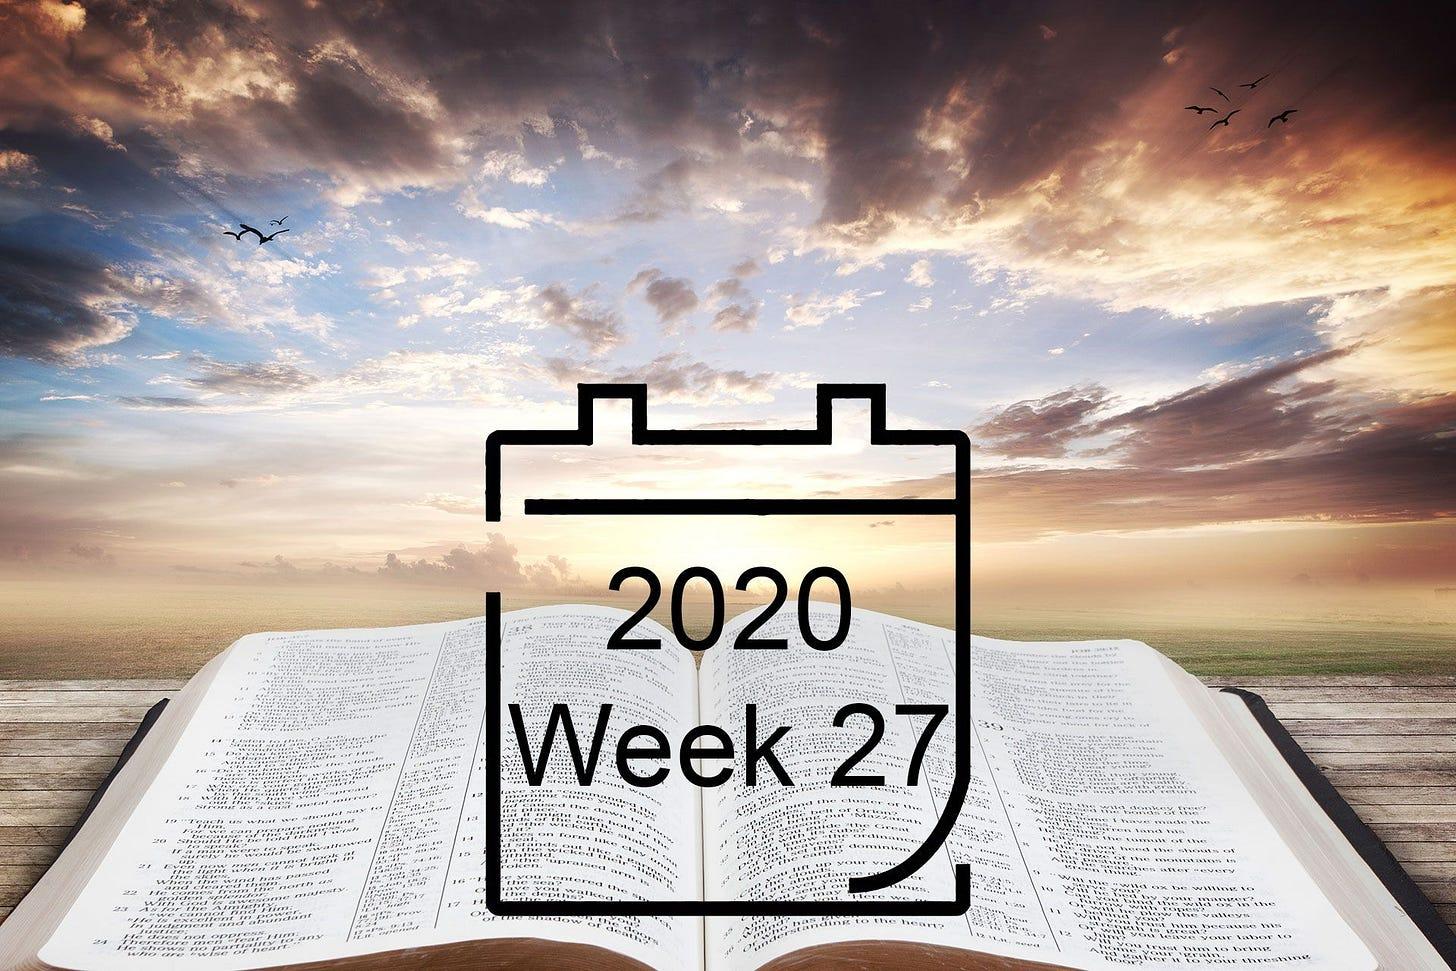 Weekly devotional - Grant me restful sleep